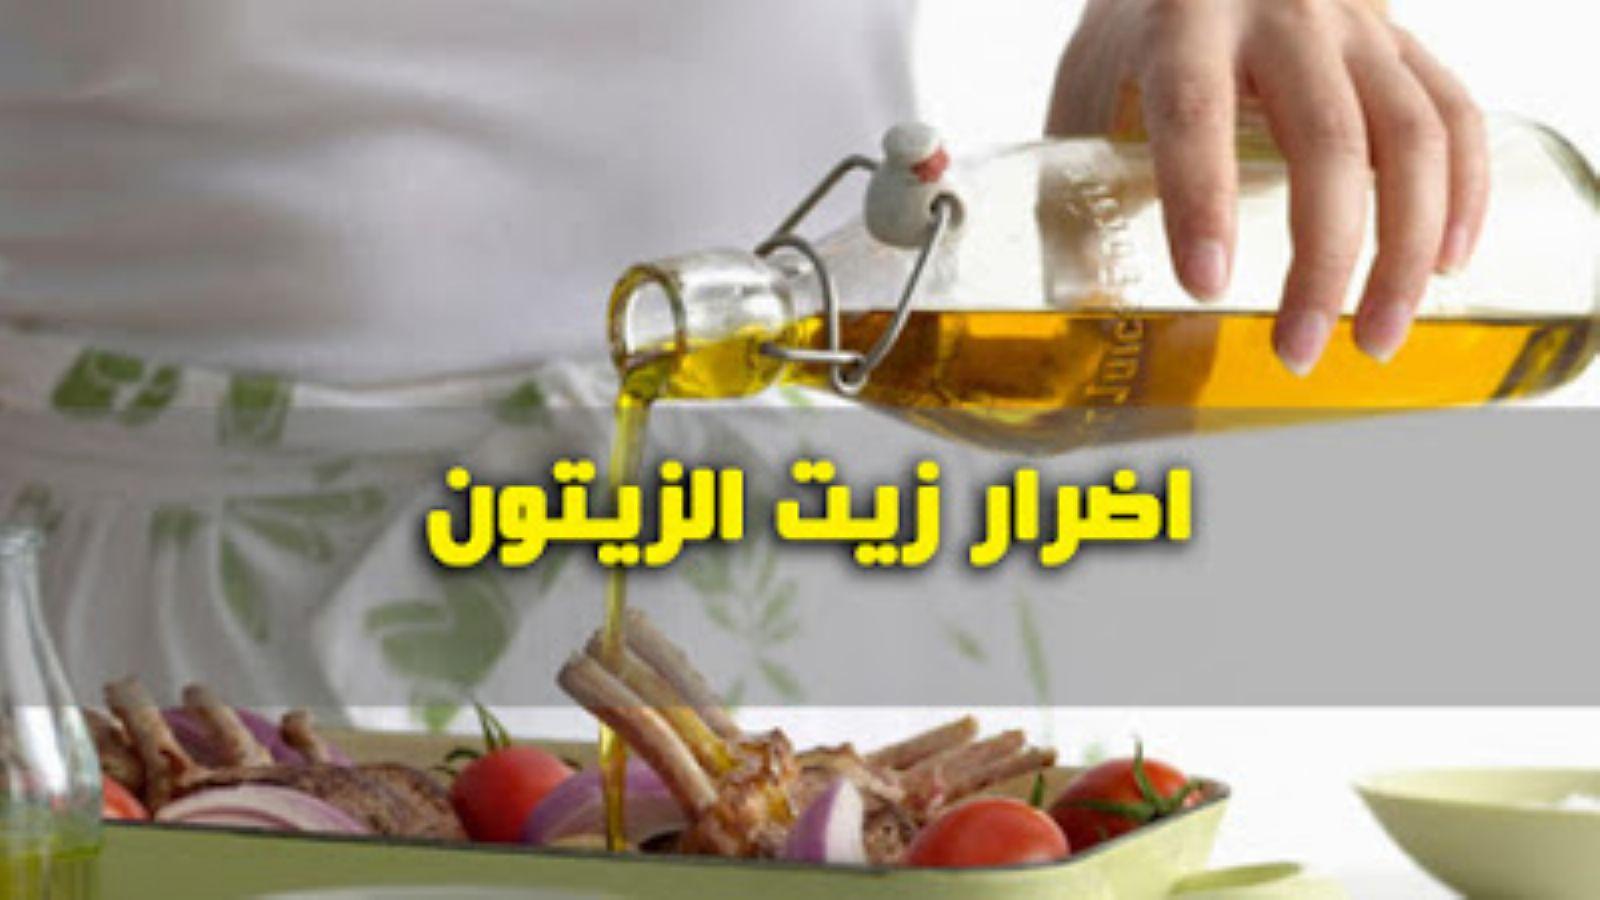 صورة اضرار زيت الزيتون , ستندهش اضرار خطيرة لا تتوقعها unnamed file